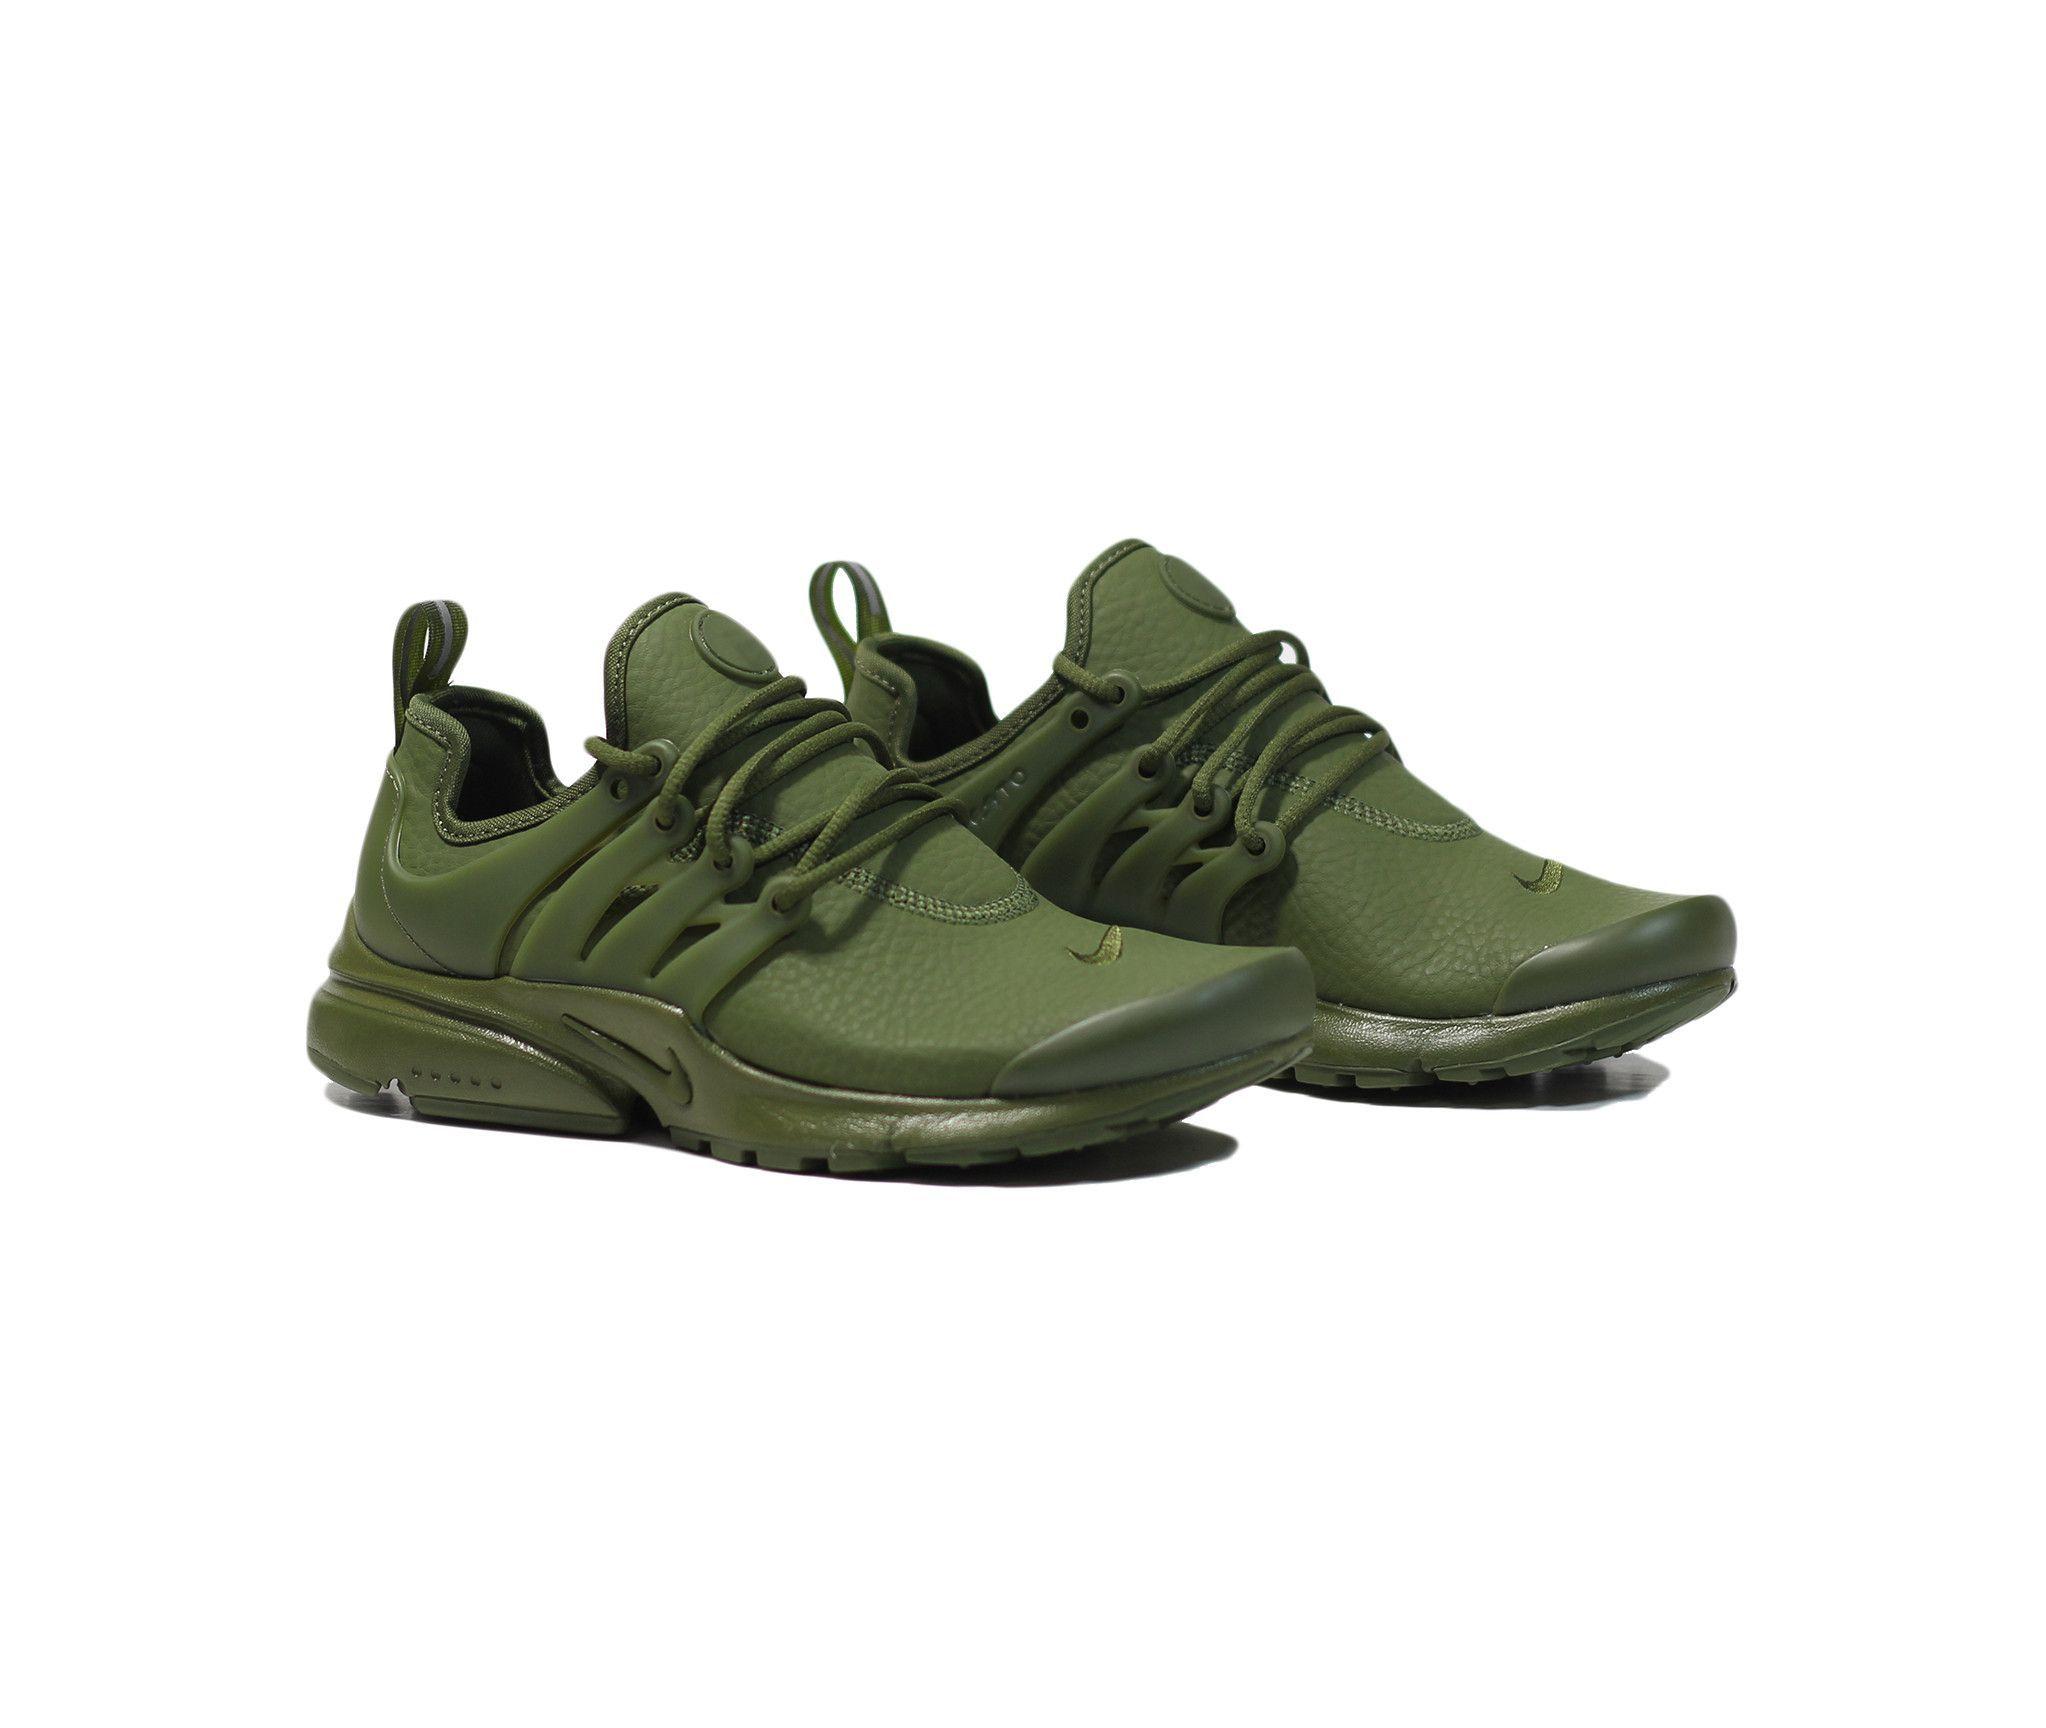 New Presto Fly kicks in olive green. Comfy AF. | Green nike